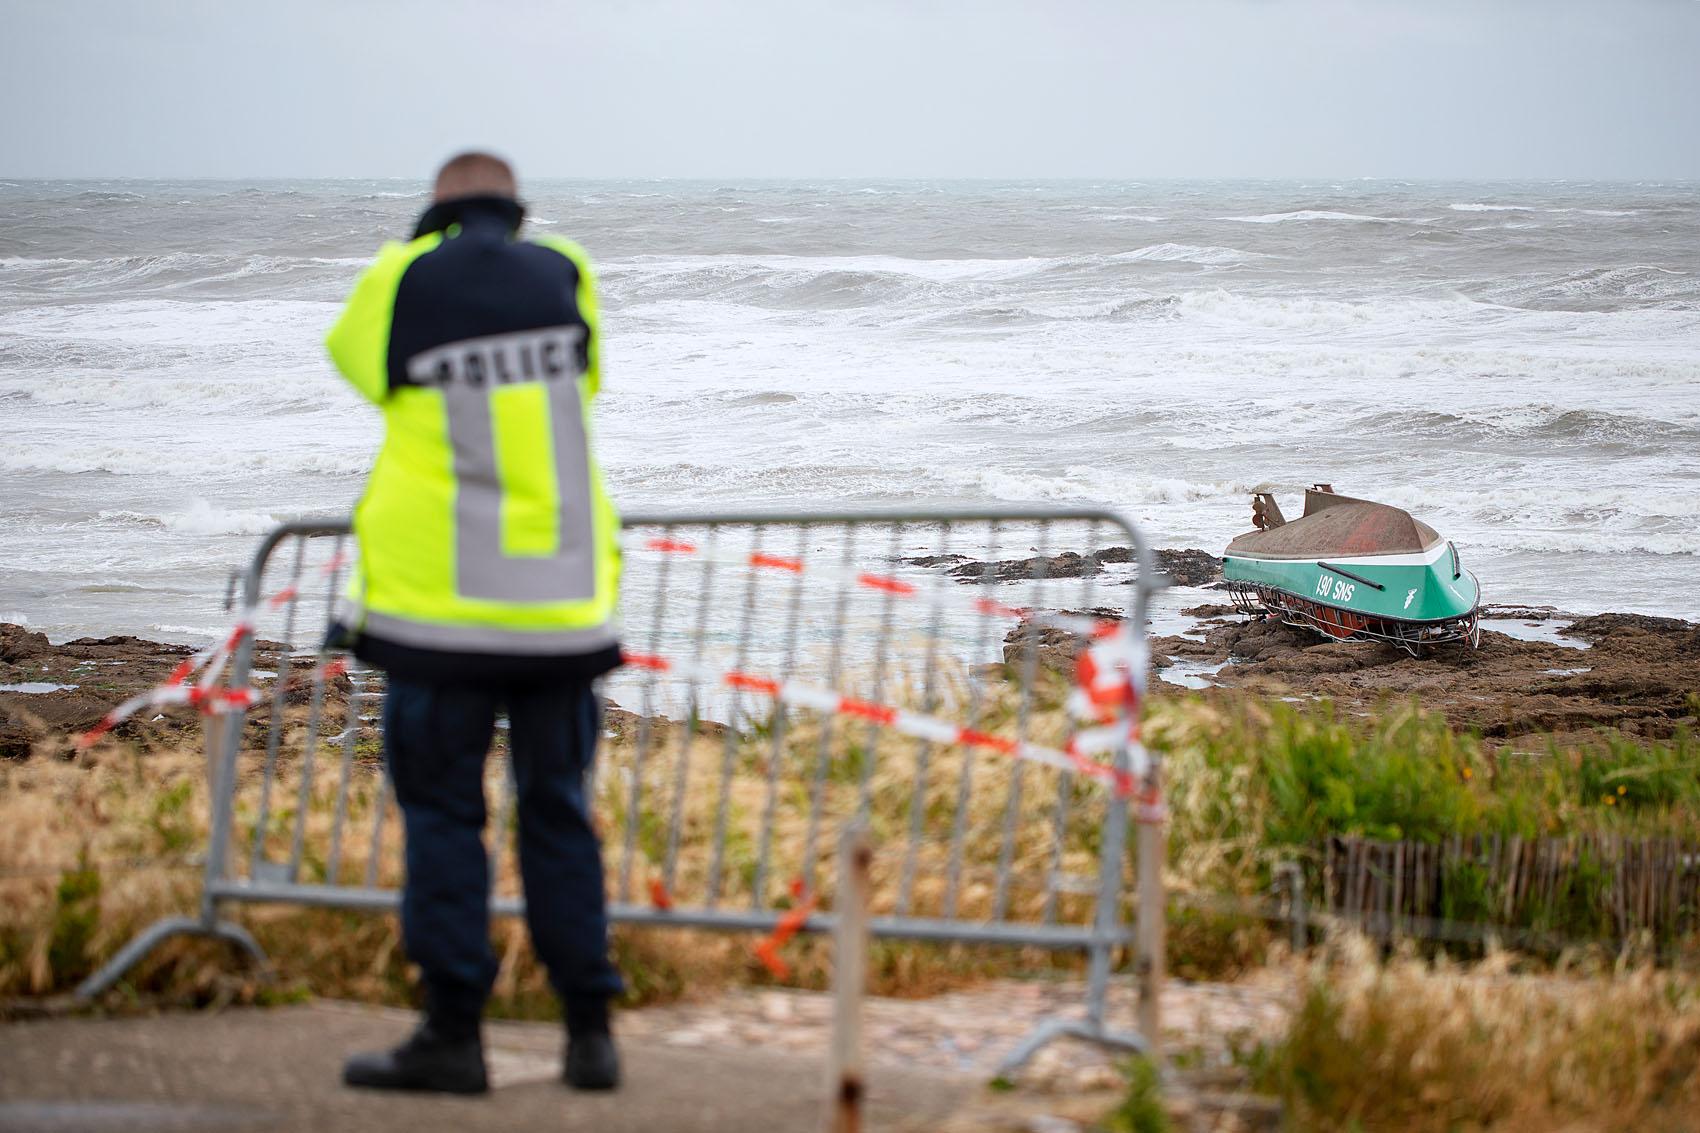 2019, juin, Les Sables d'Olonne. Naufrage du canot Jack Morisseau de la SNSM à proximité immédiate de la plage de Tanchet lors de la tempête Miguel du 7 juin 2019.